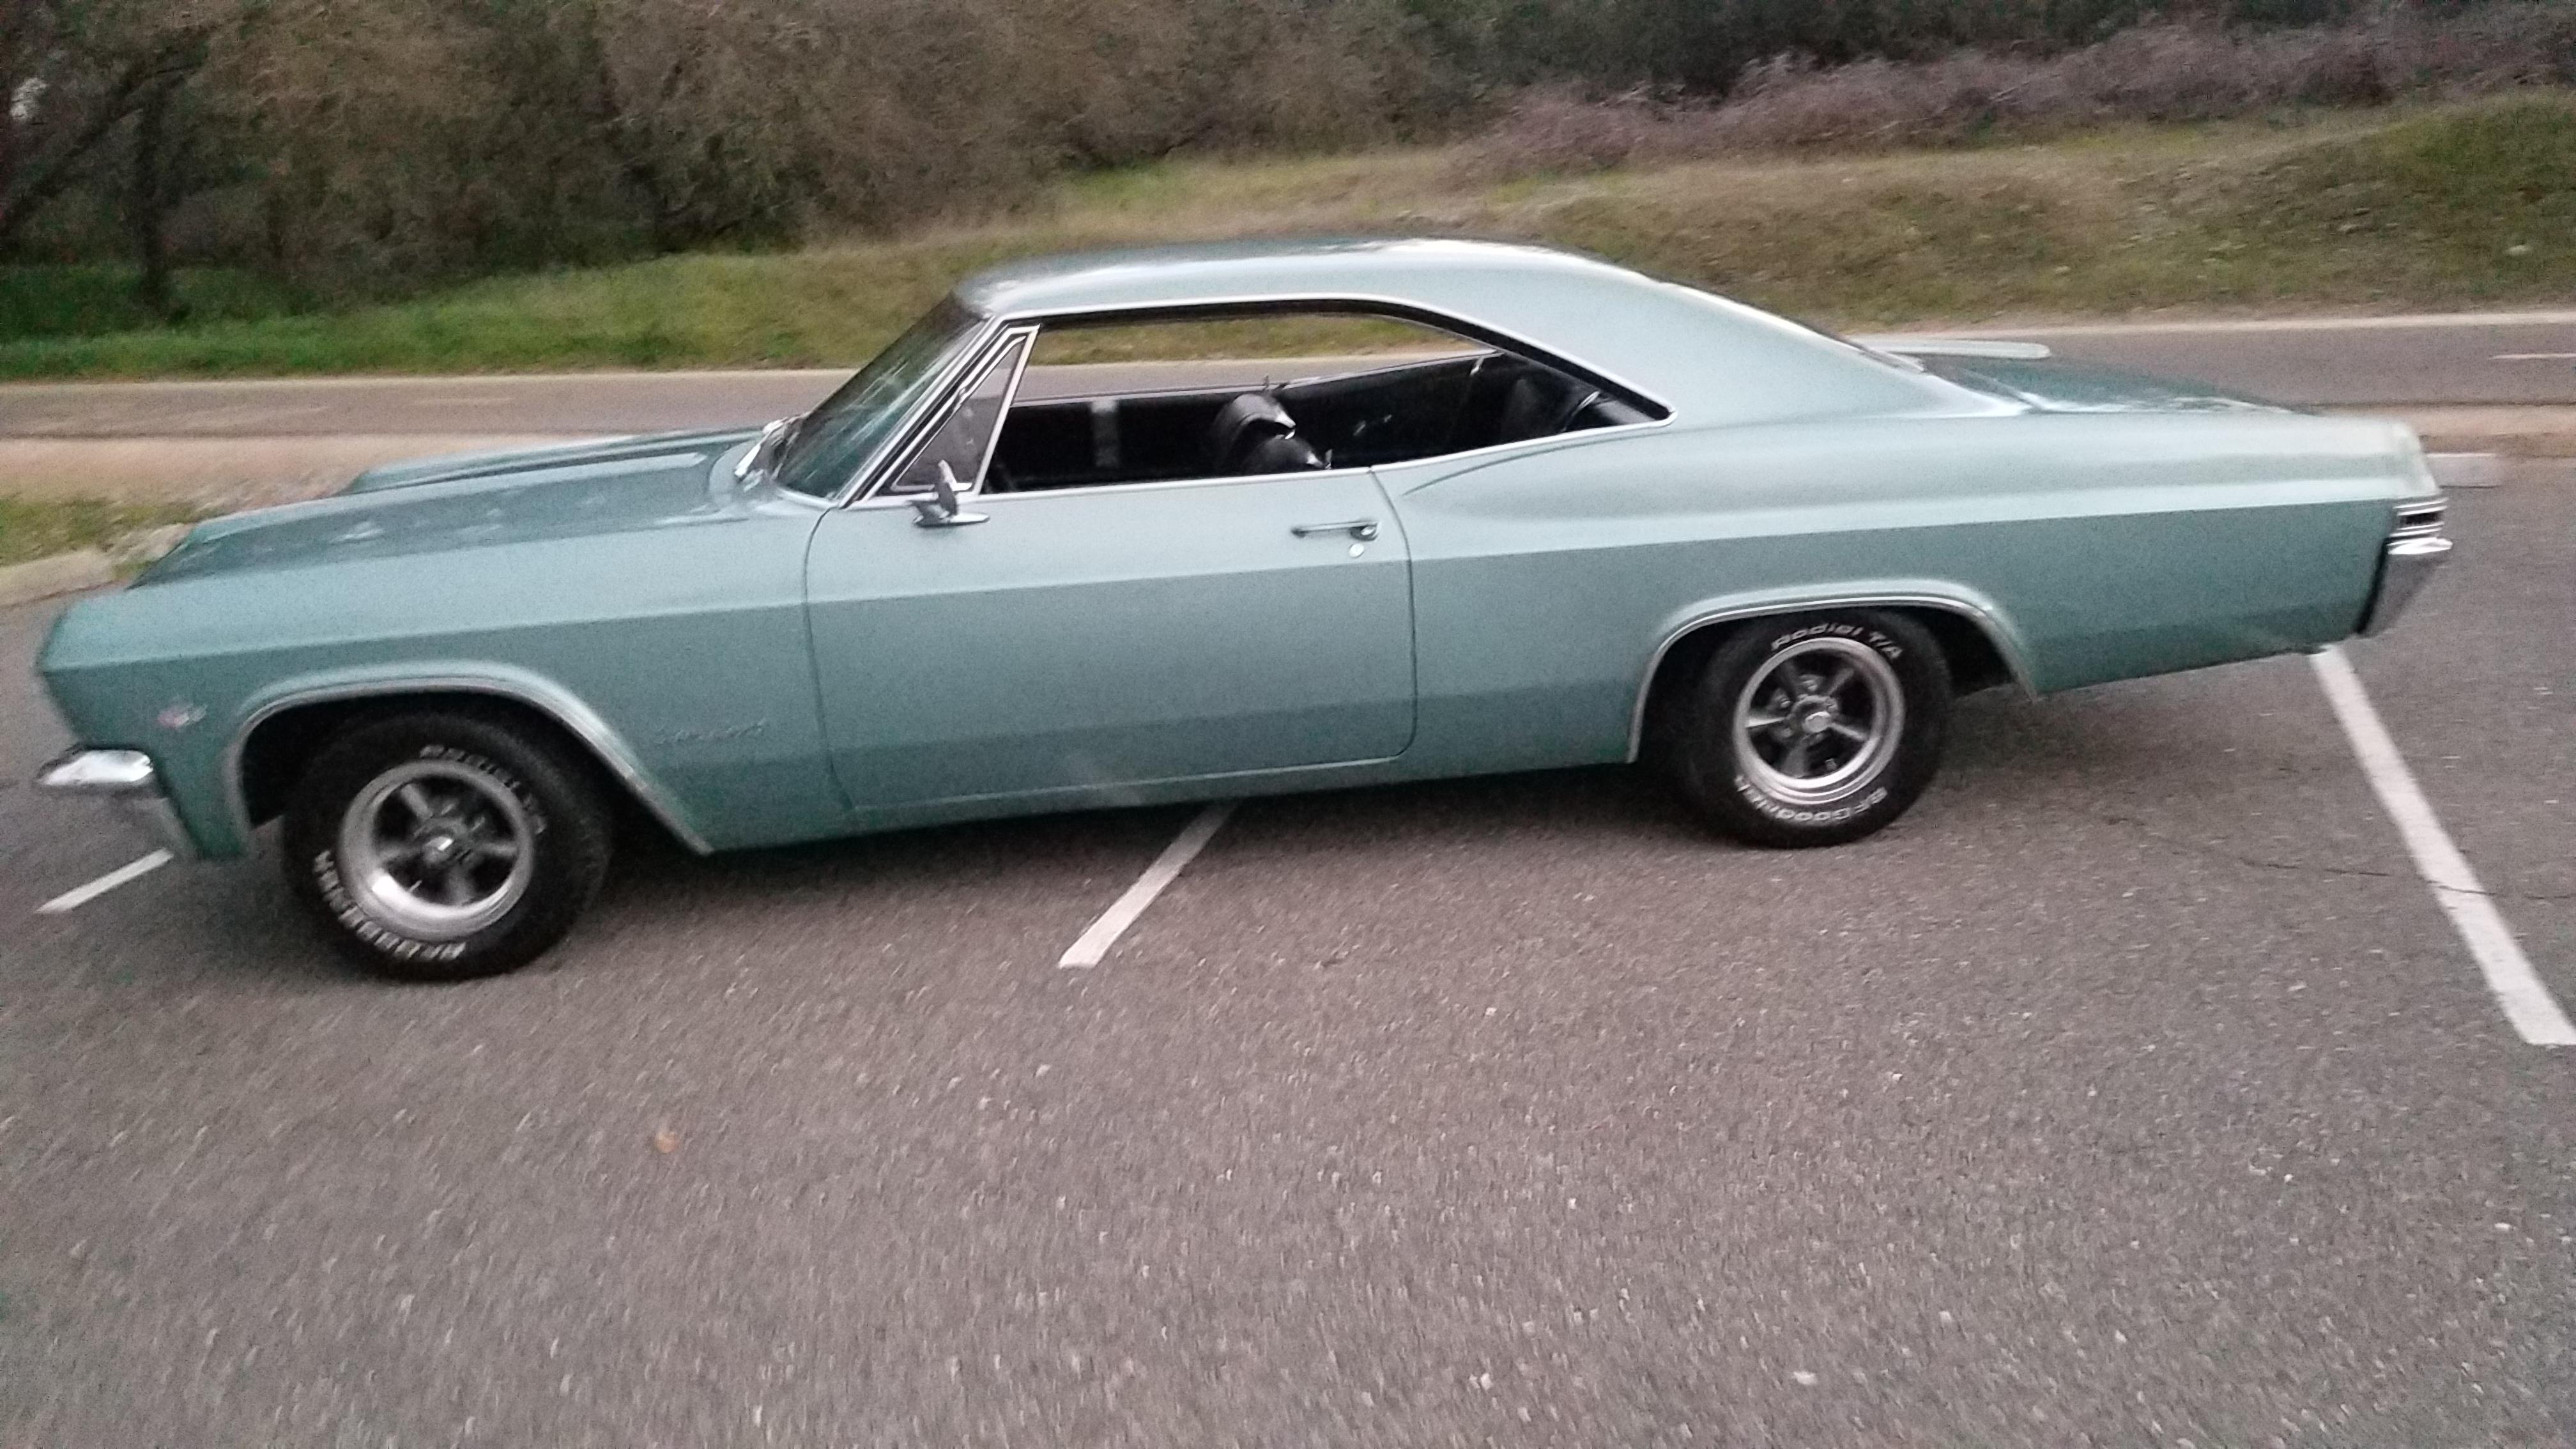 Kelebihan Kekurangan Chevrolet Impala 1965 Harga